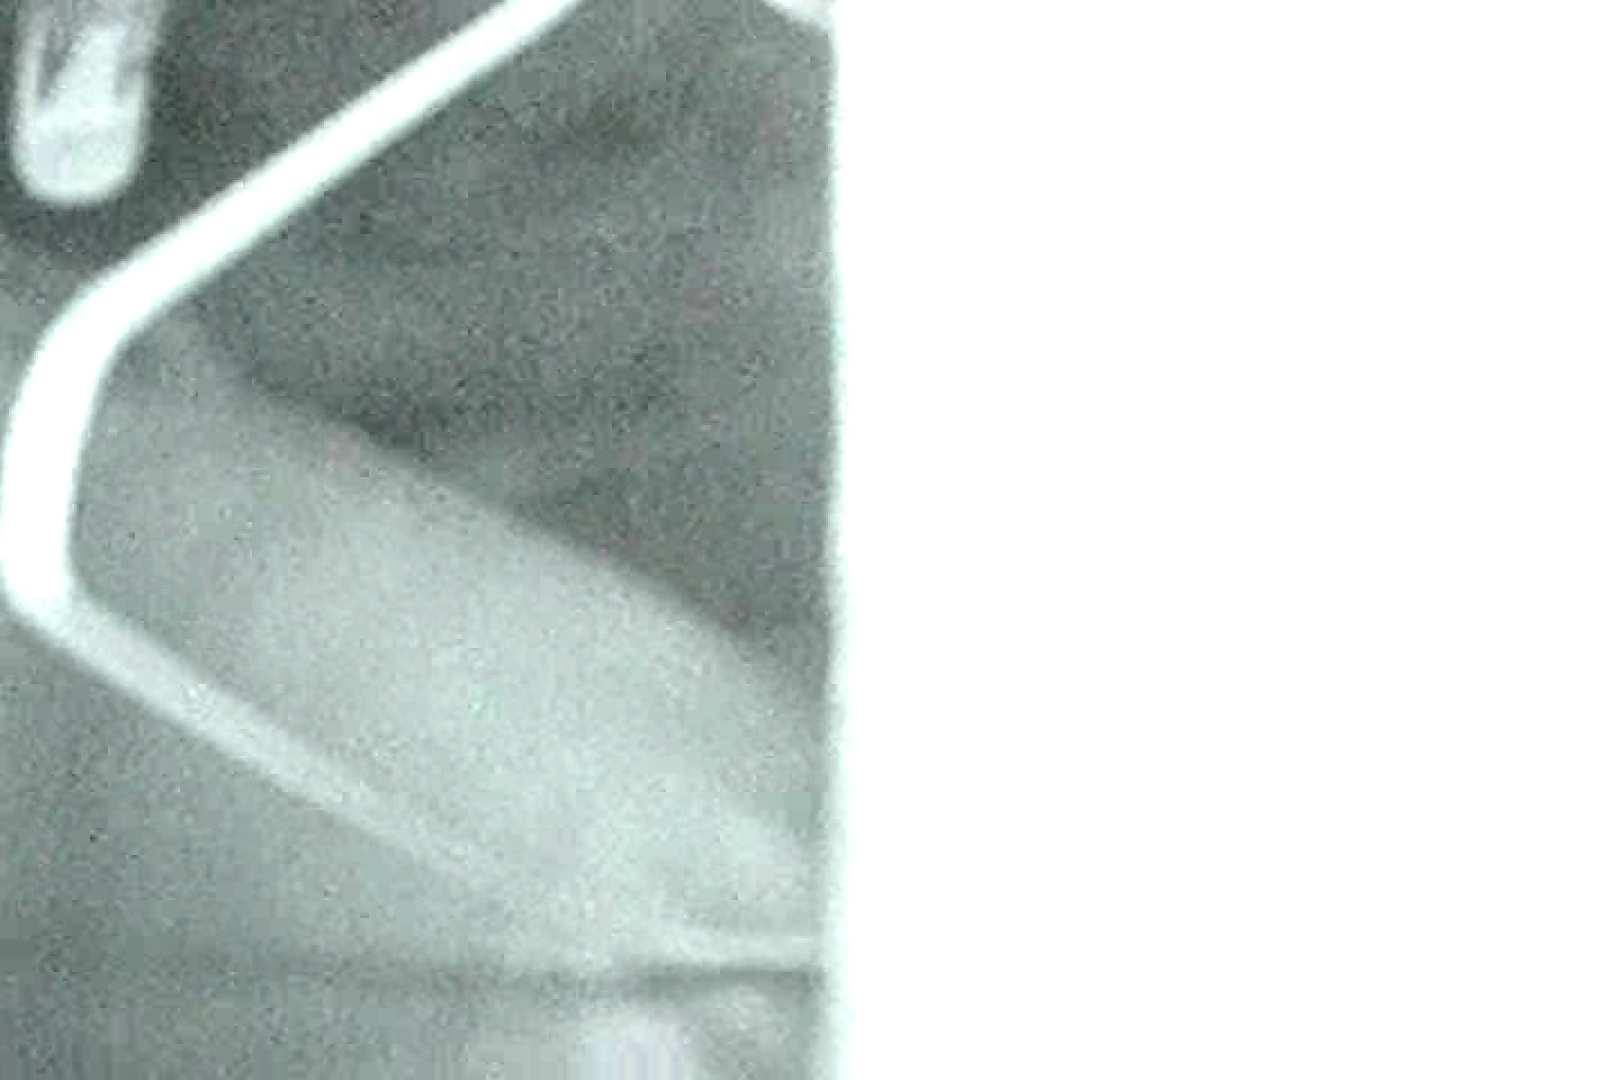 充血監督の深夜の運動会Vol.12 カップルのセックス  91PIX 45